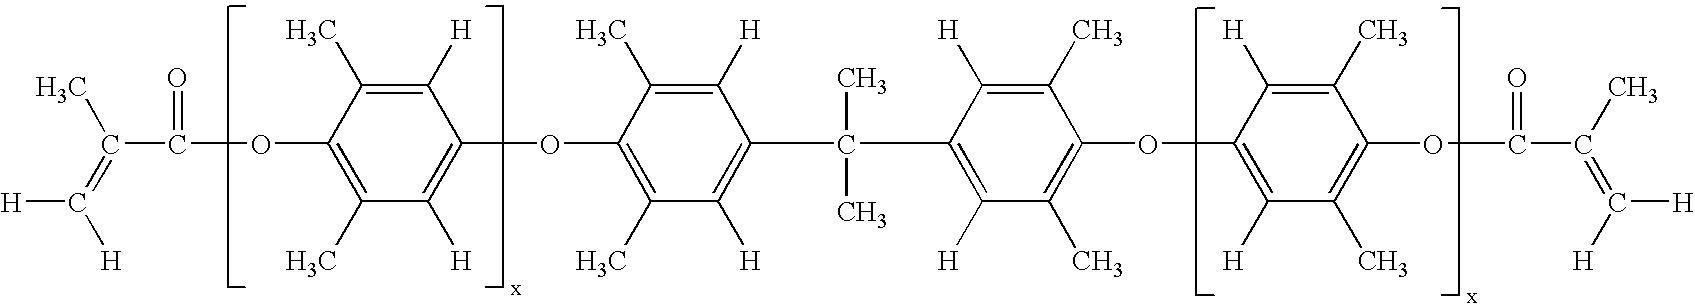 Figure US07329708-20080212-C00030